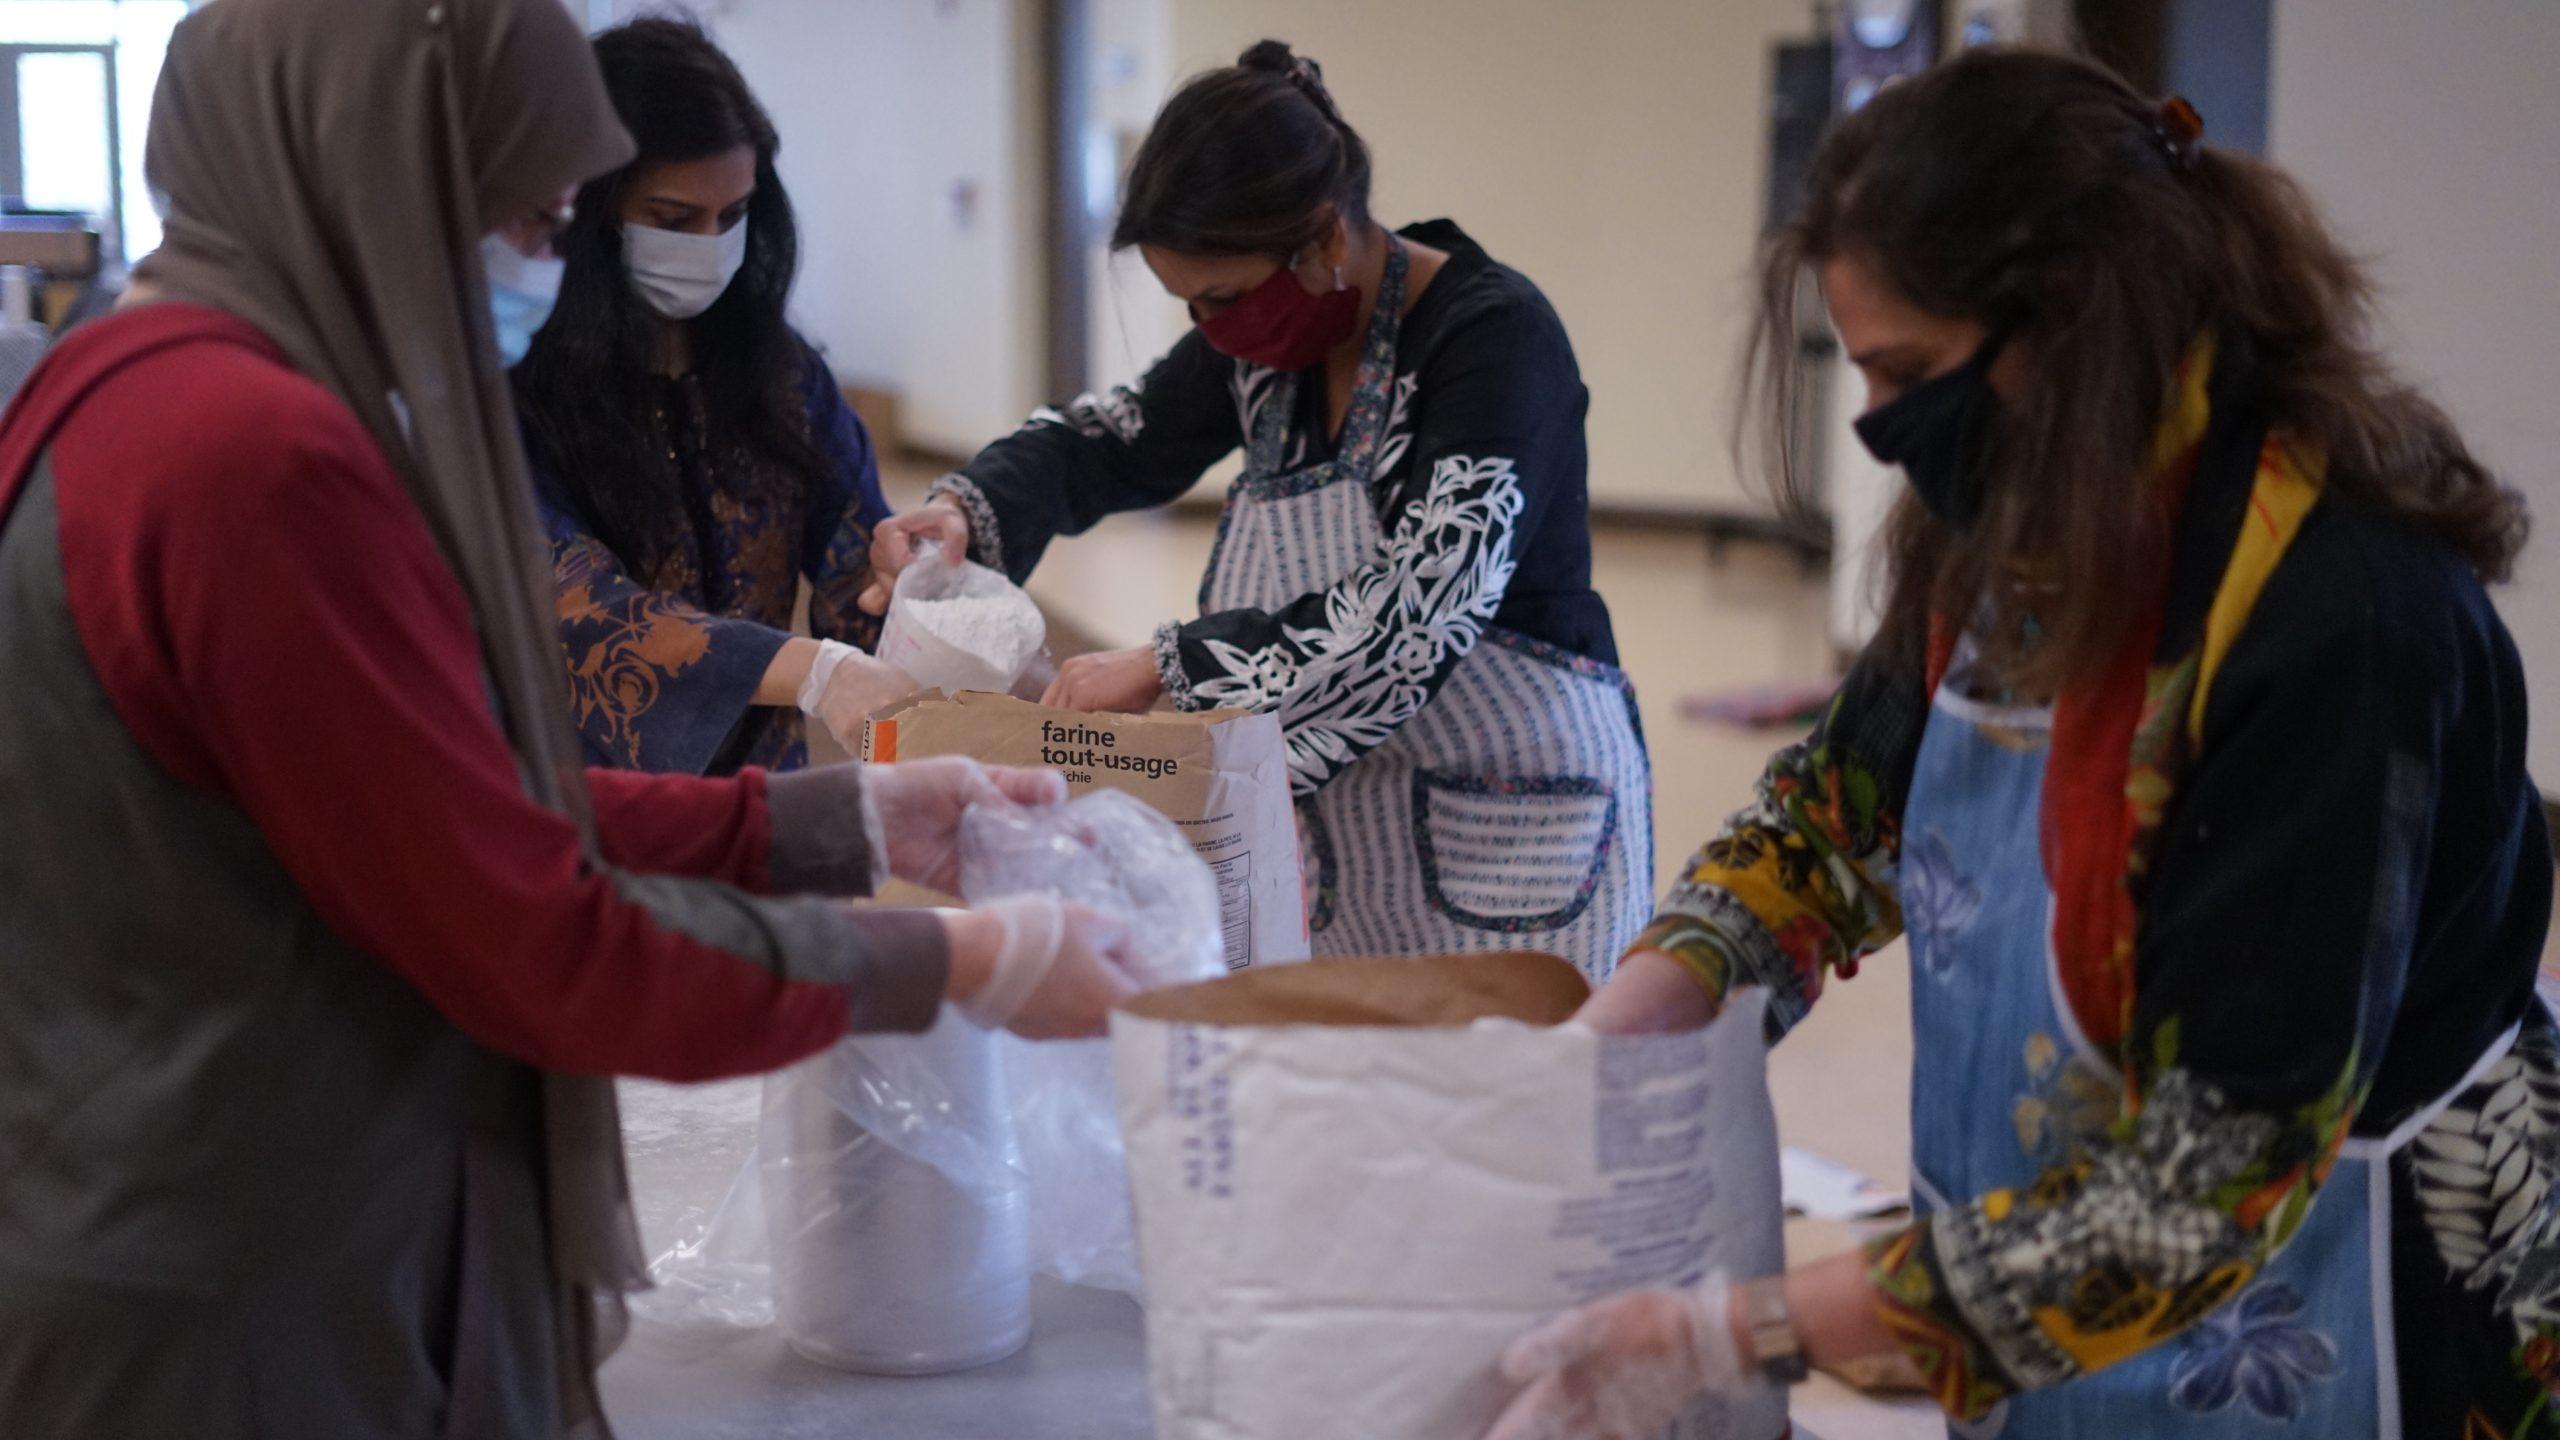 Volunteers pack aid bags